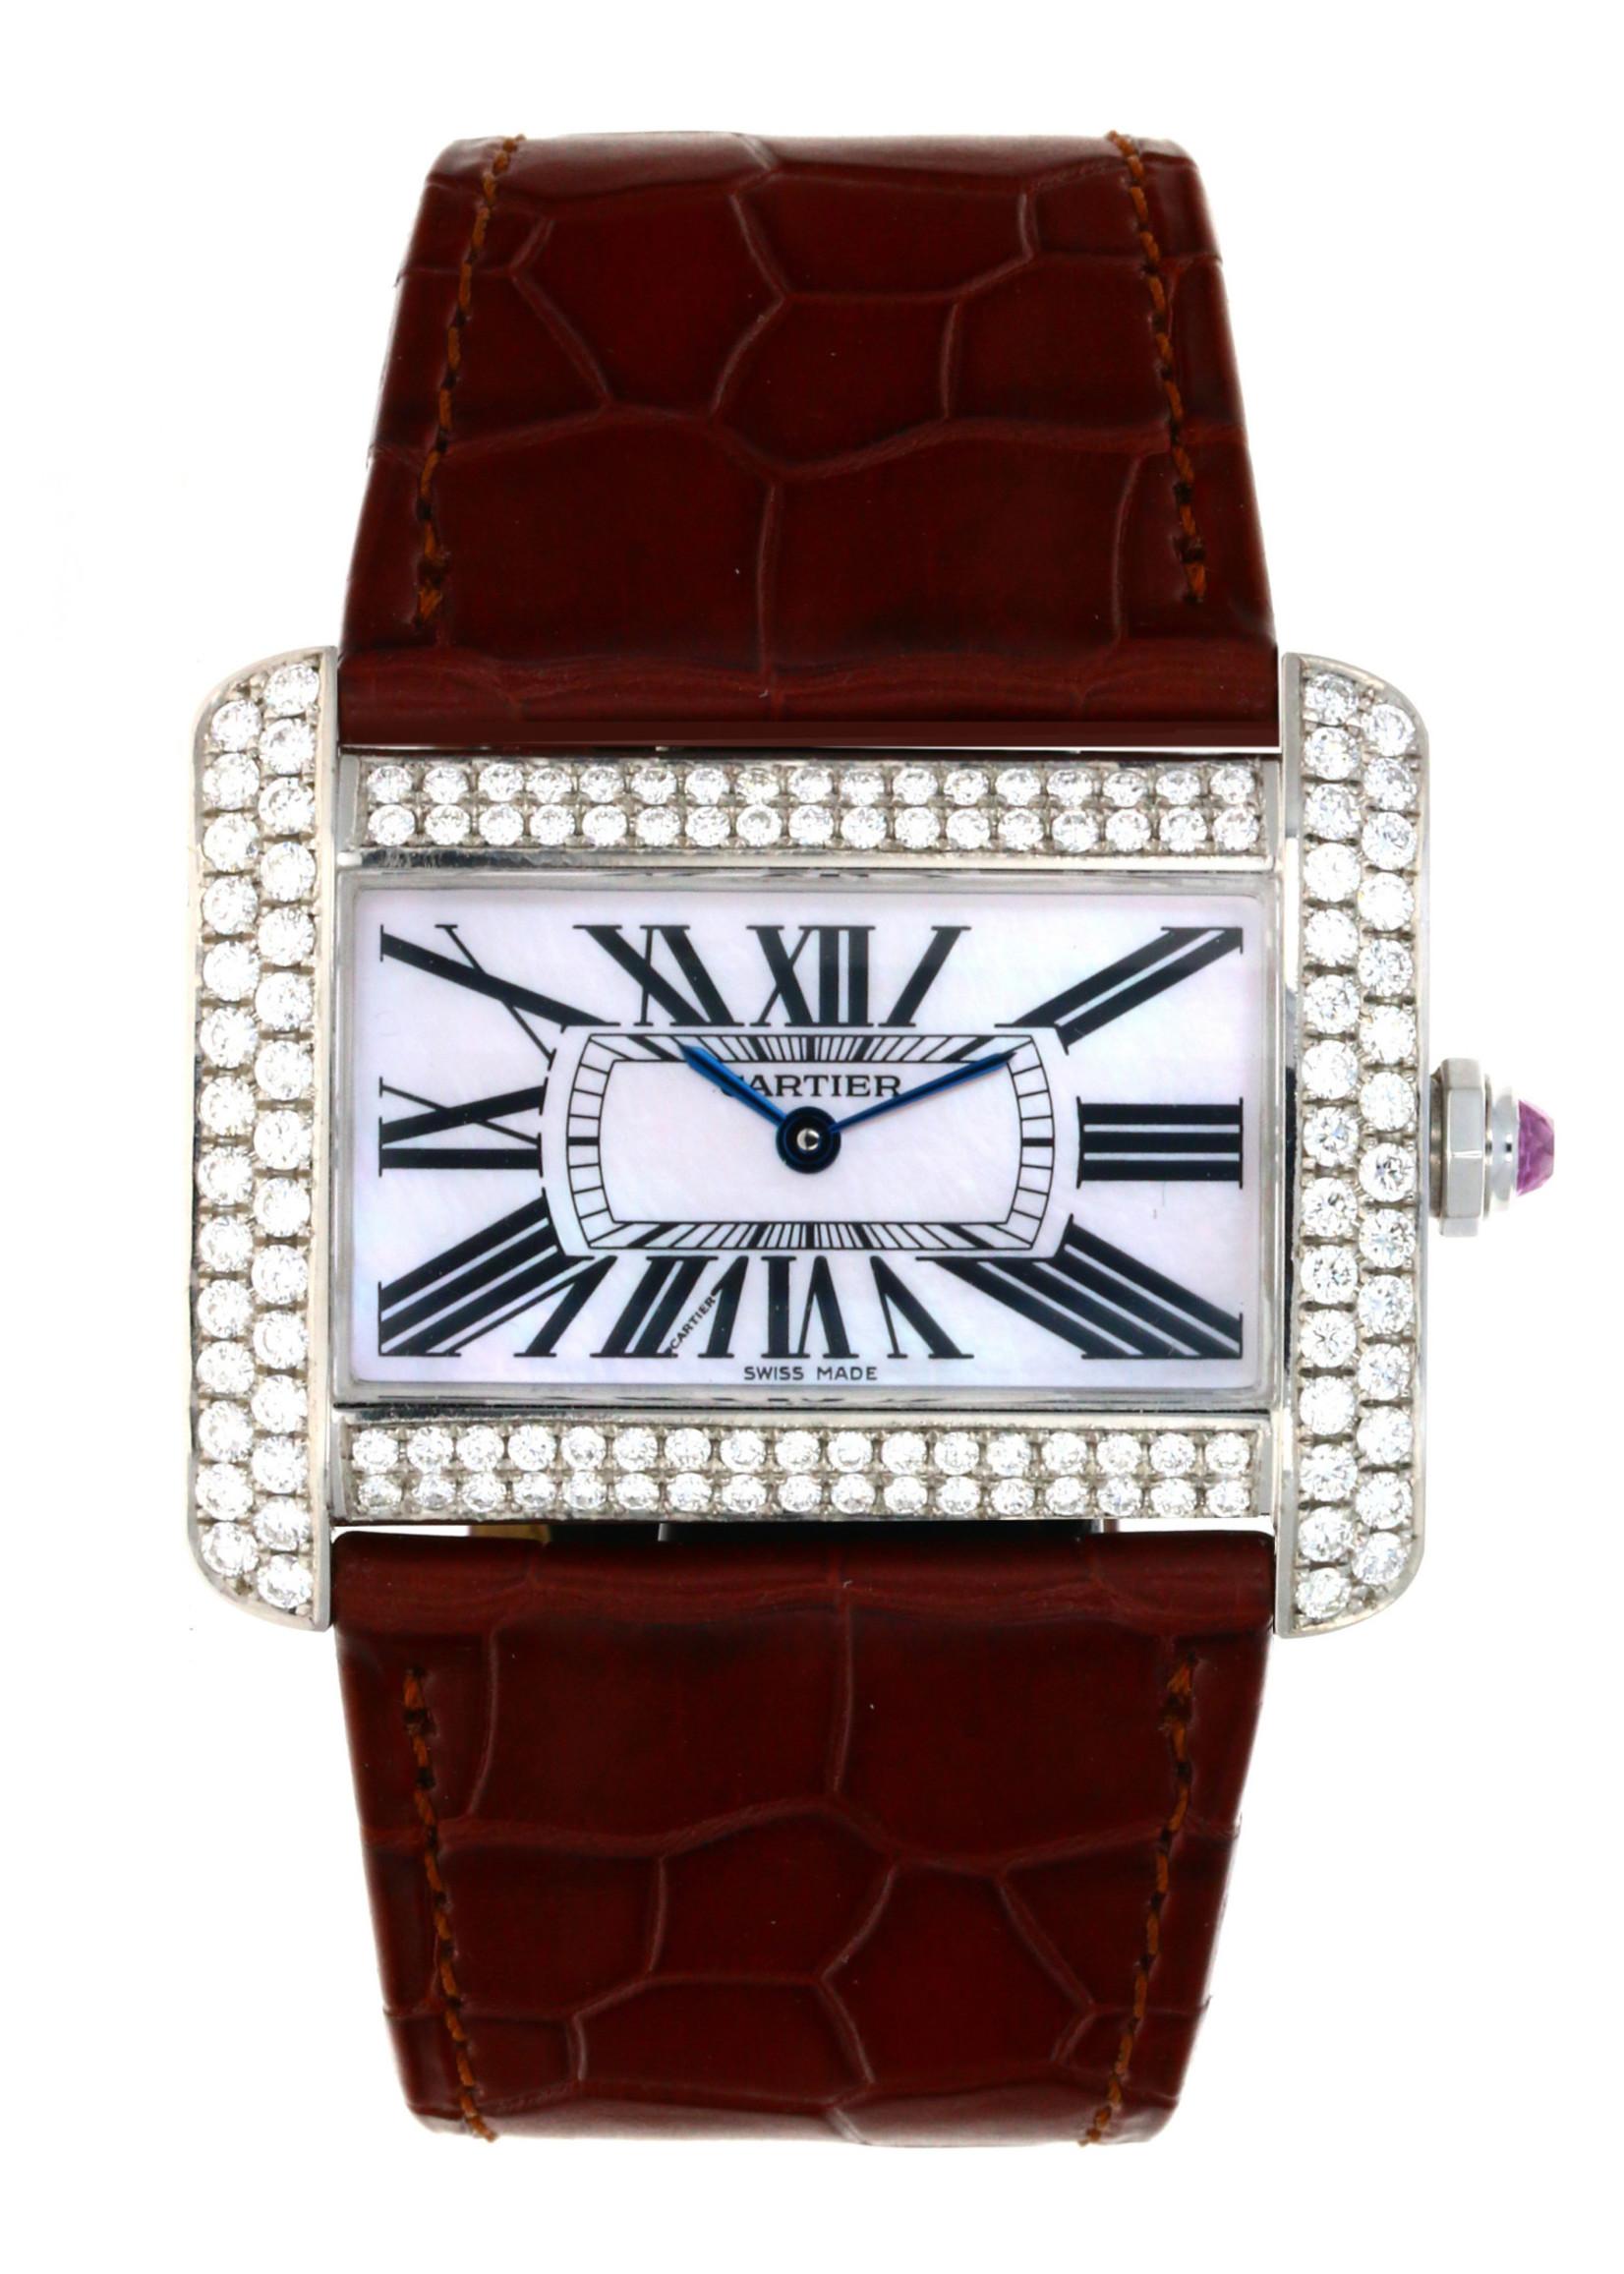 Cartier CARTIER TANK DIVAN 24.5 X 38.5MM